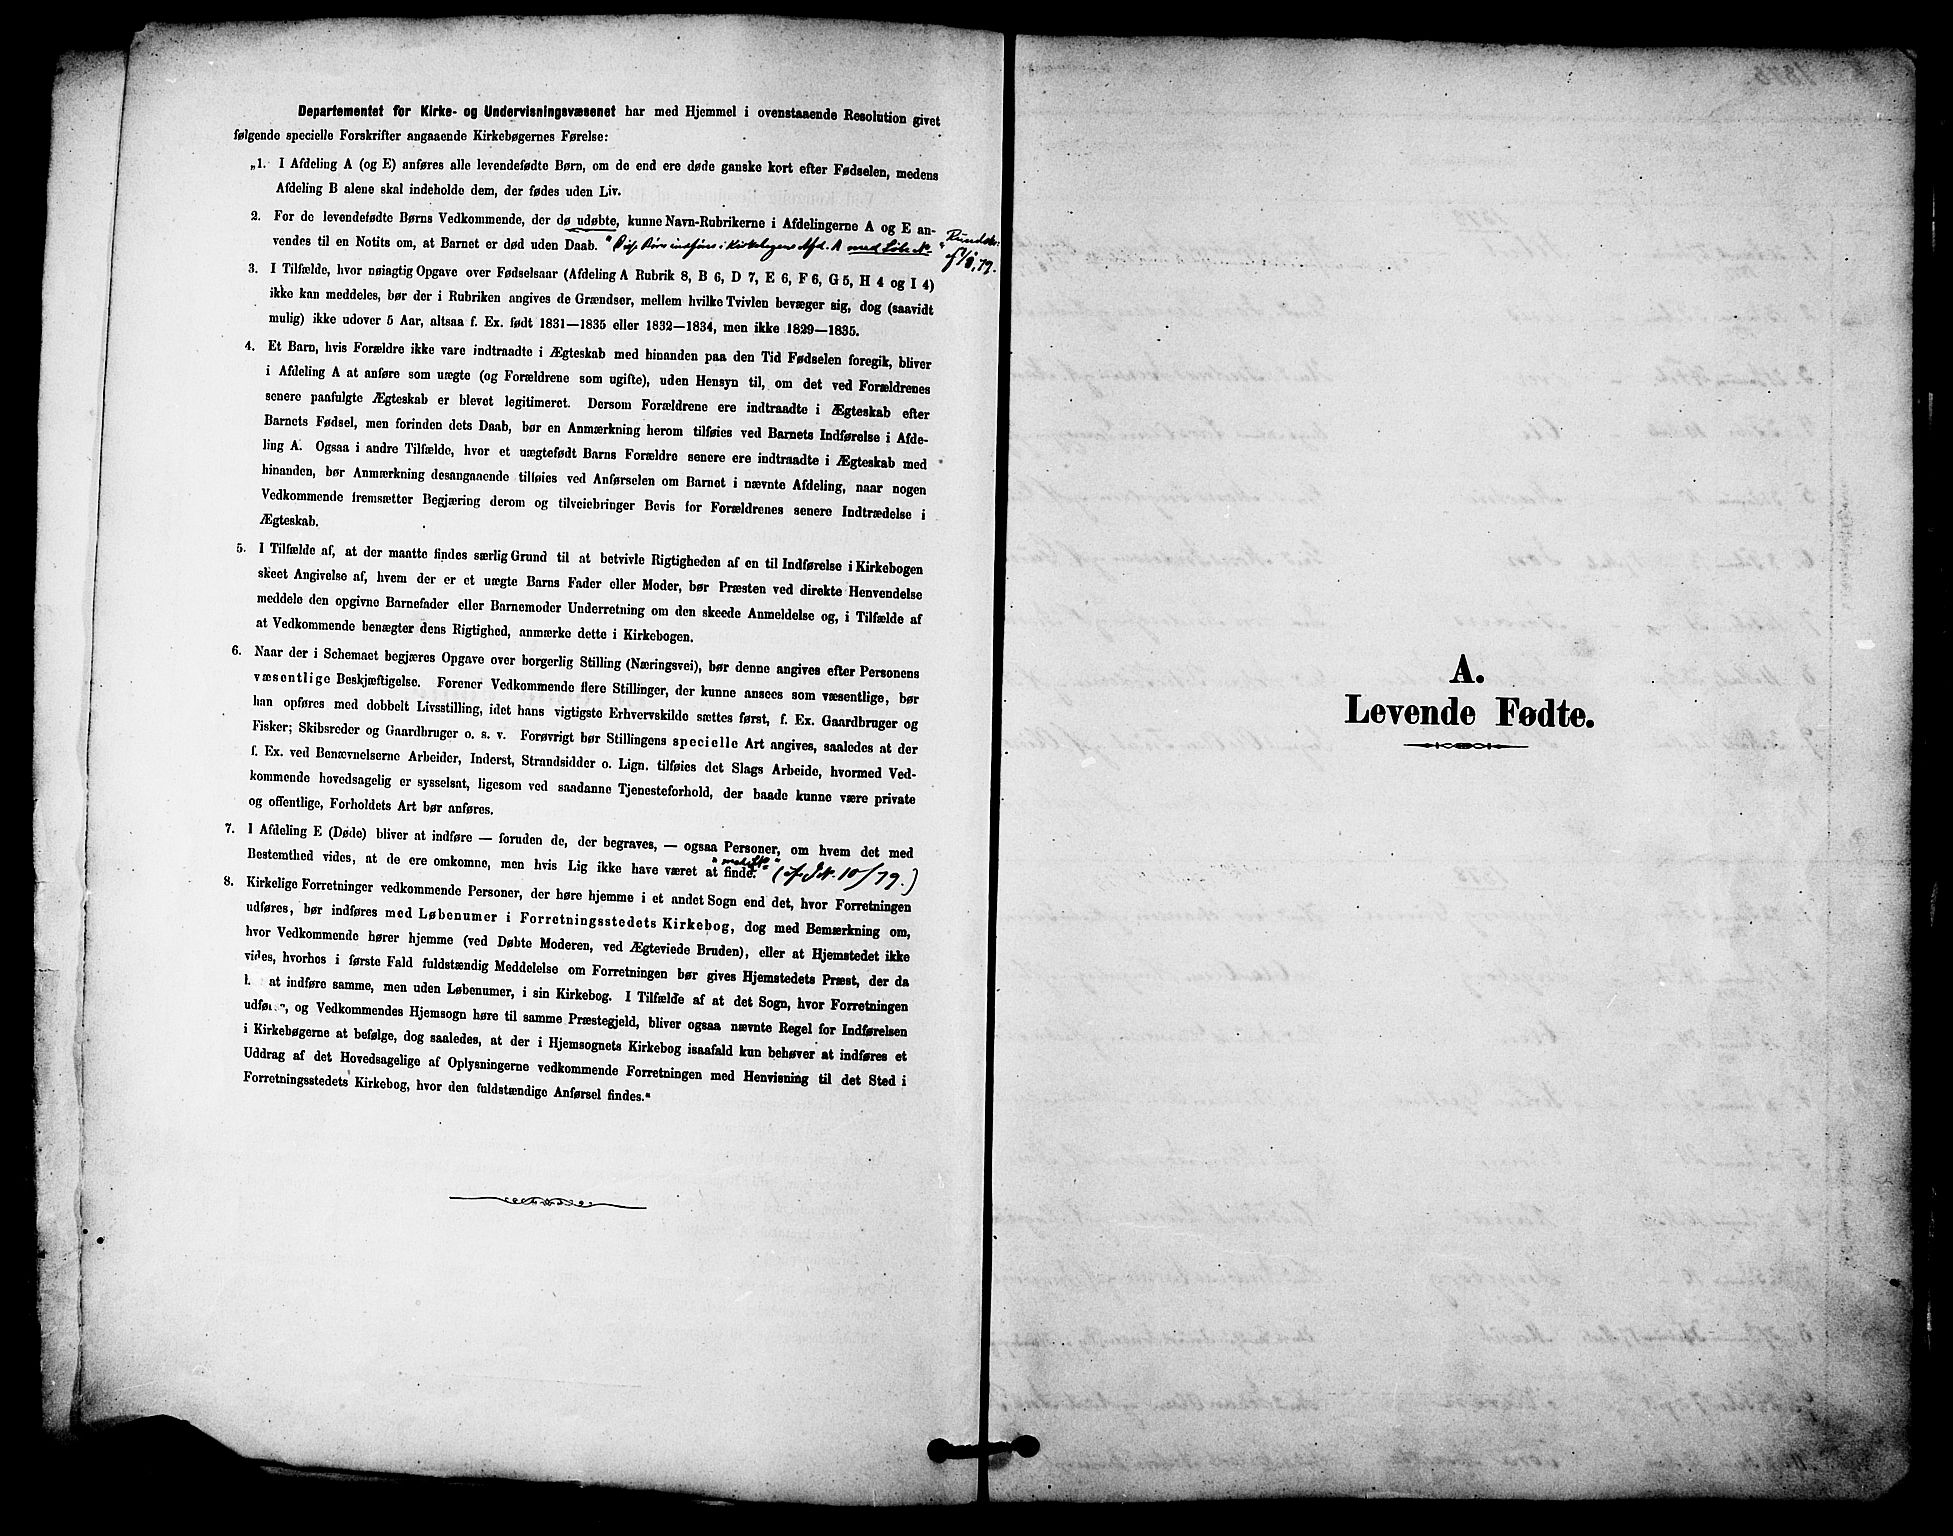 SAT, Ministerialprotokoller, klokkerbøker og fødselsregistre - Sør-Trøndelag, 612/L0378: Ministerialbok nr. 612A10, 1878-1897